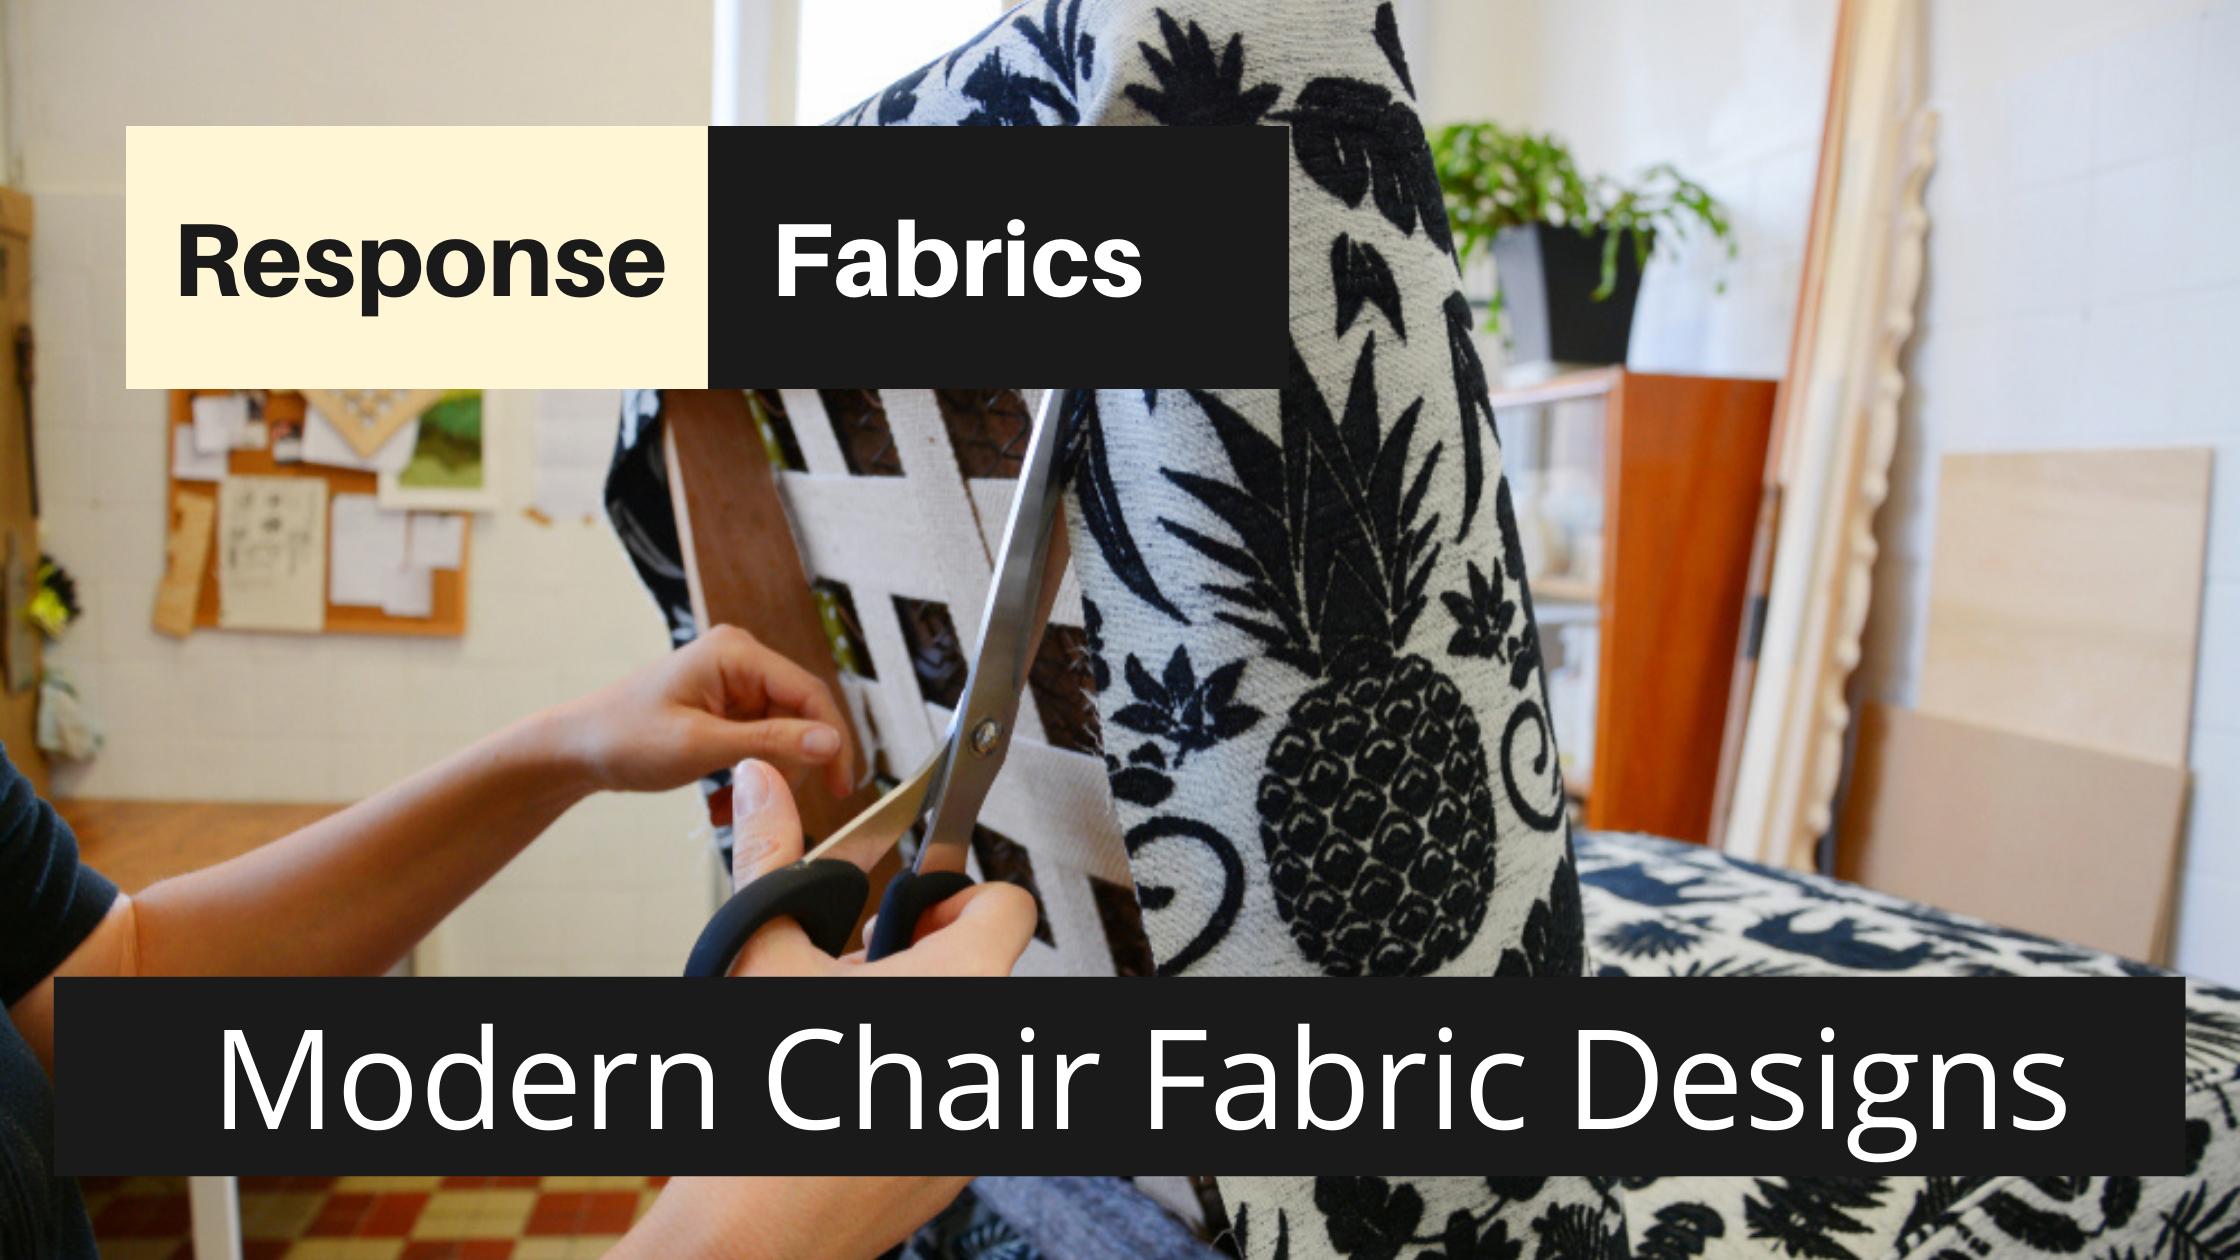 Modern Chair Fabric manufacturer